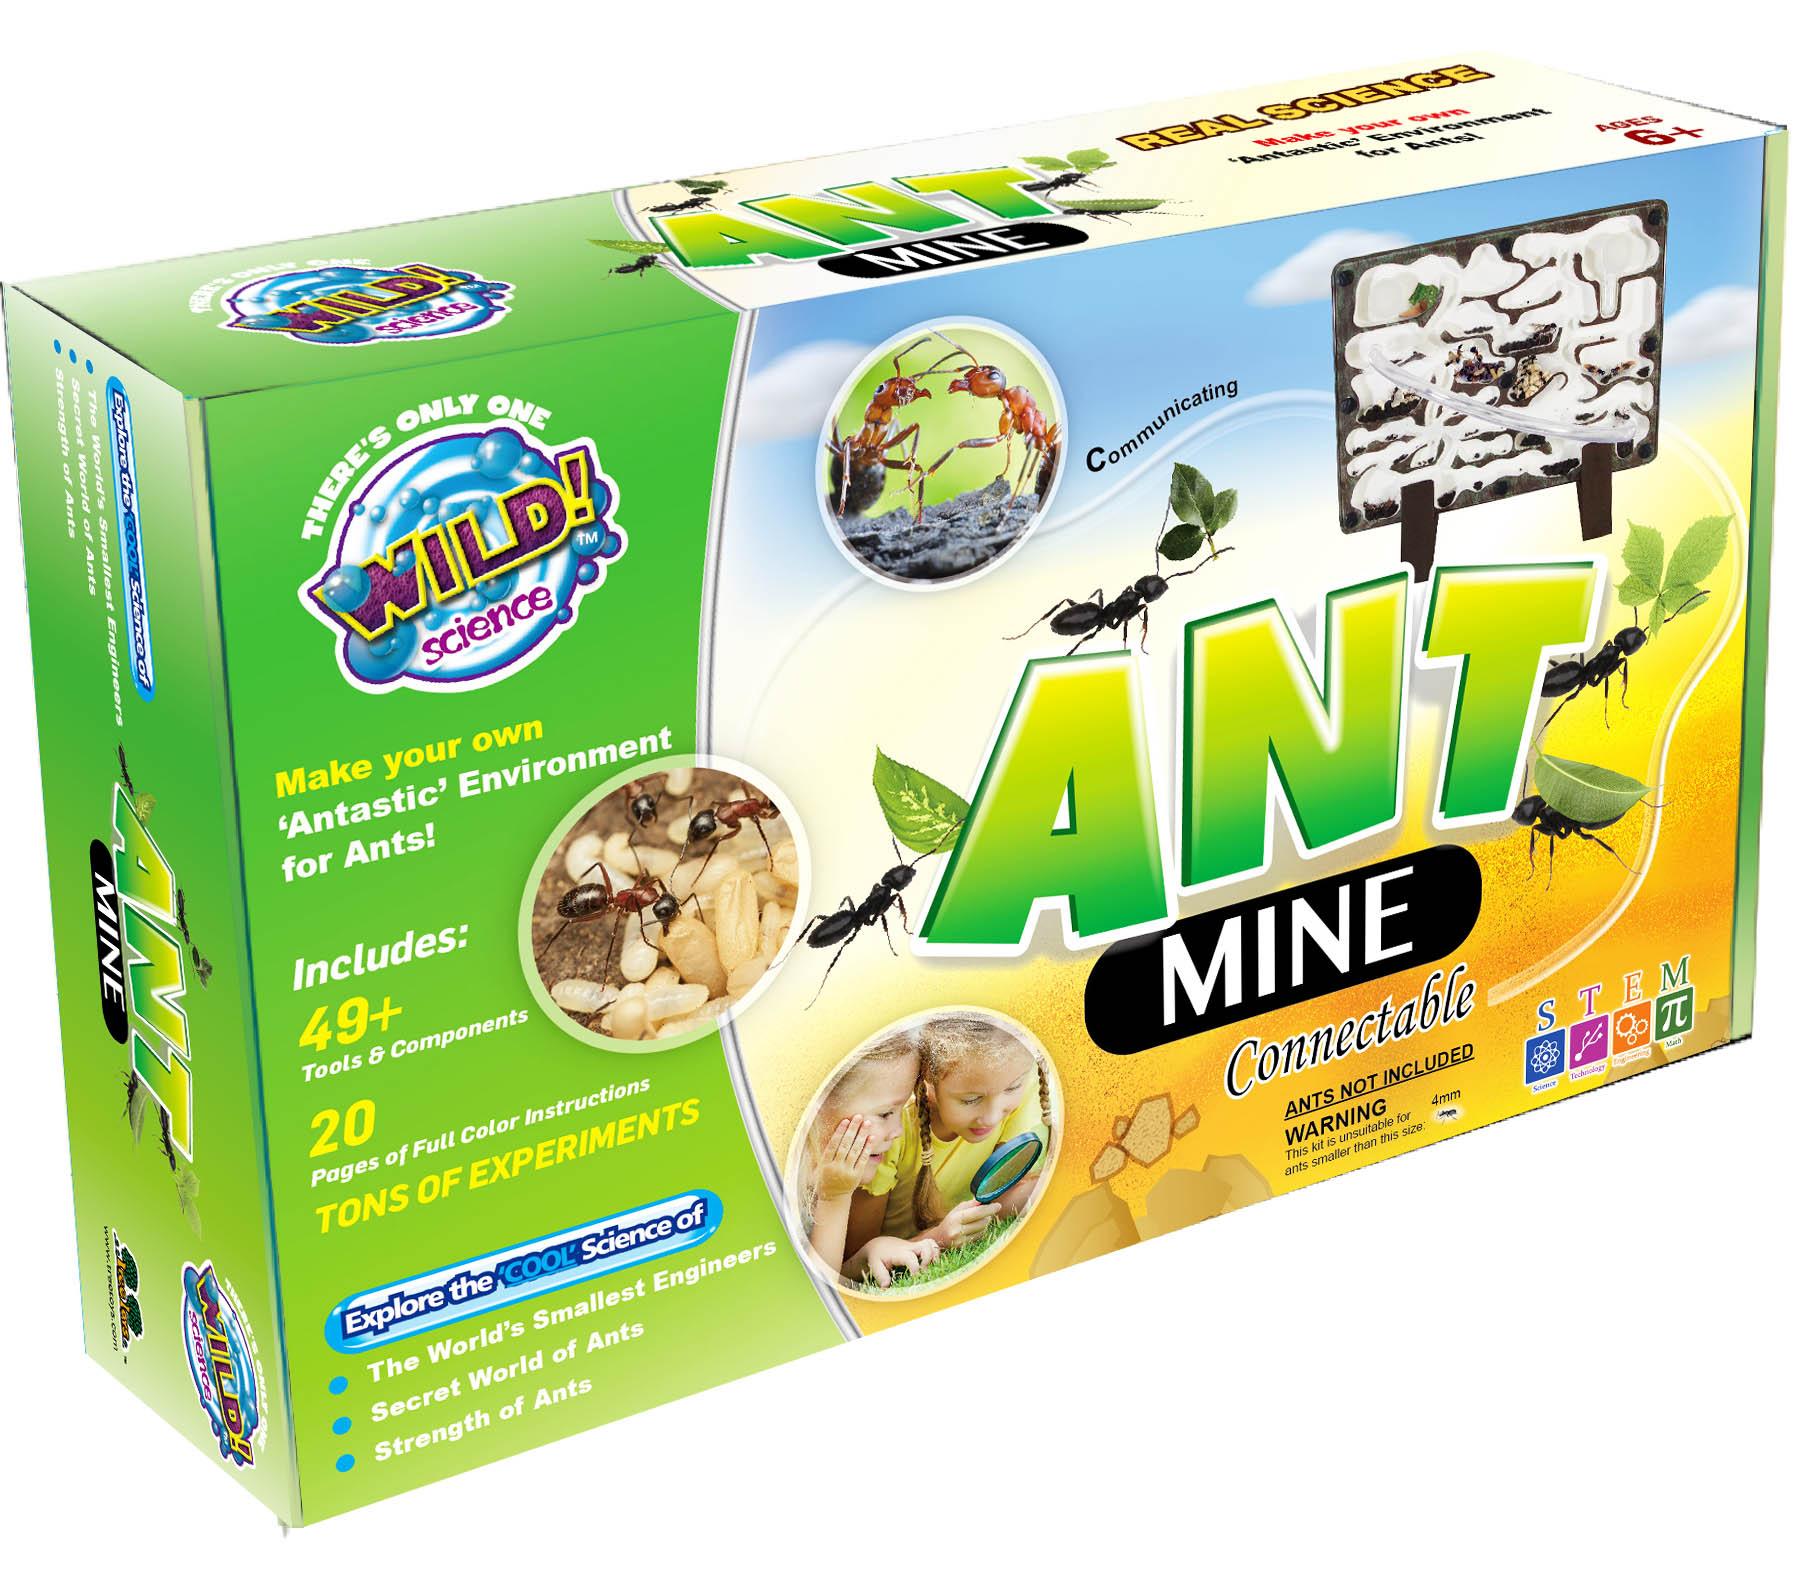 Ant Mine